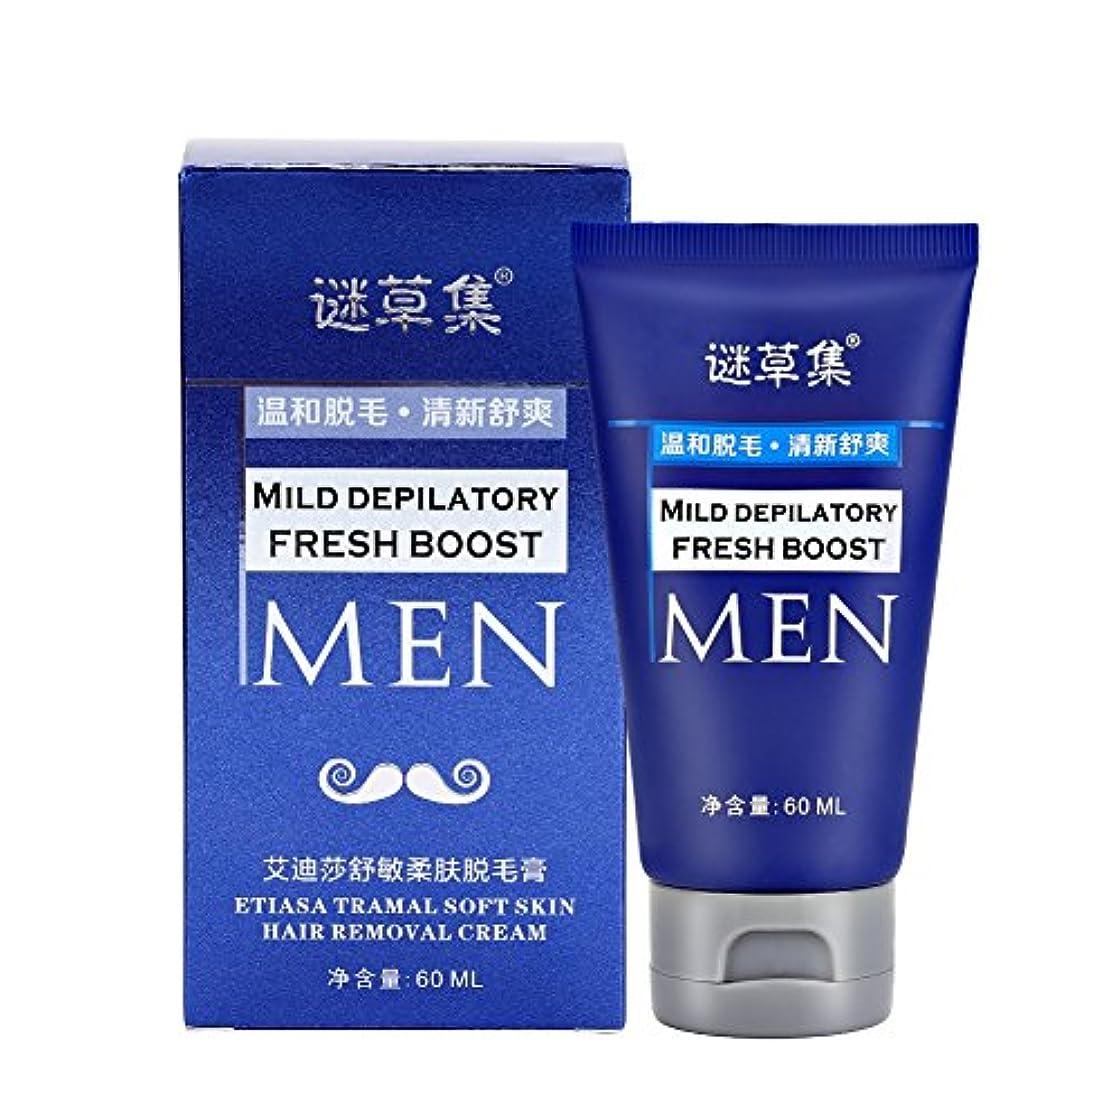 磁器変なハグ脱毛クリーム、60ML男性のボディ脱毛腕の脚の髪の痛みを除去する美容クリーム 脱毛クリーム